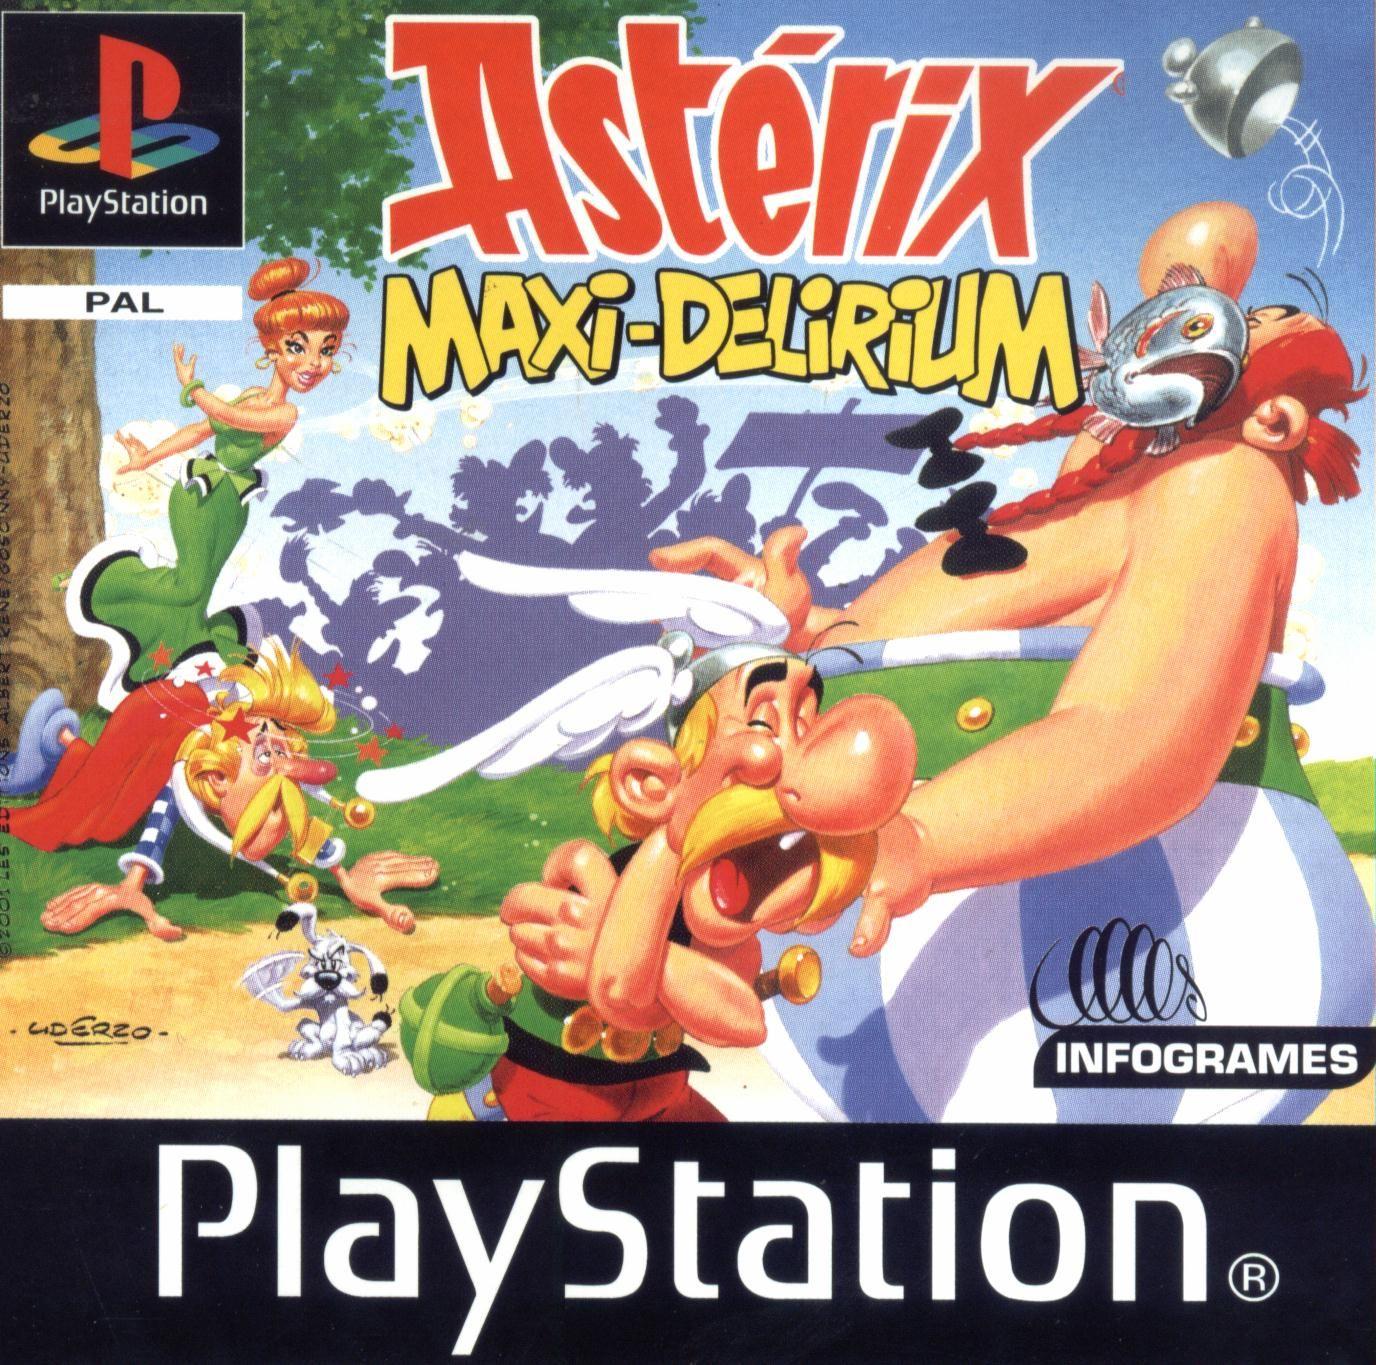 Asterix maxi delirium Immagini